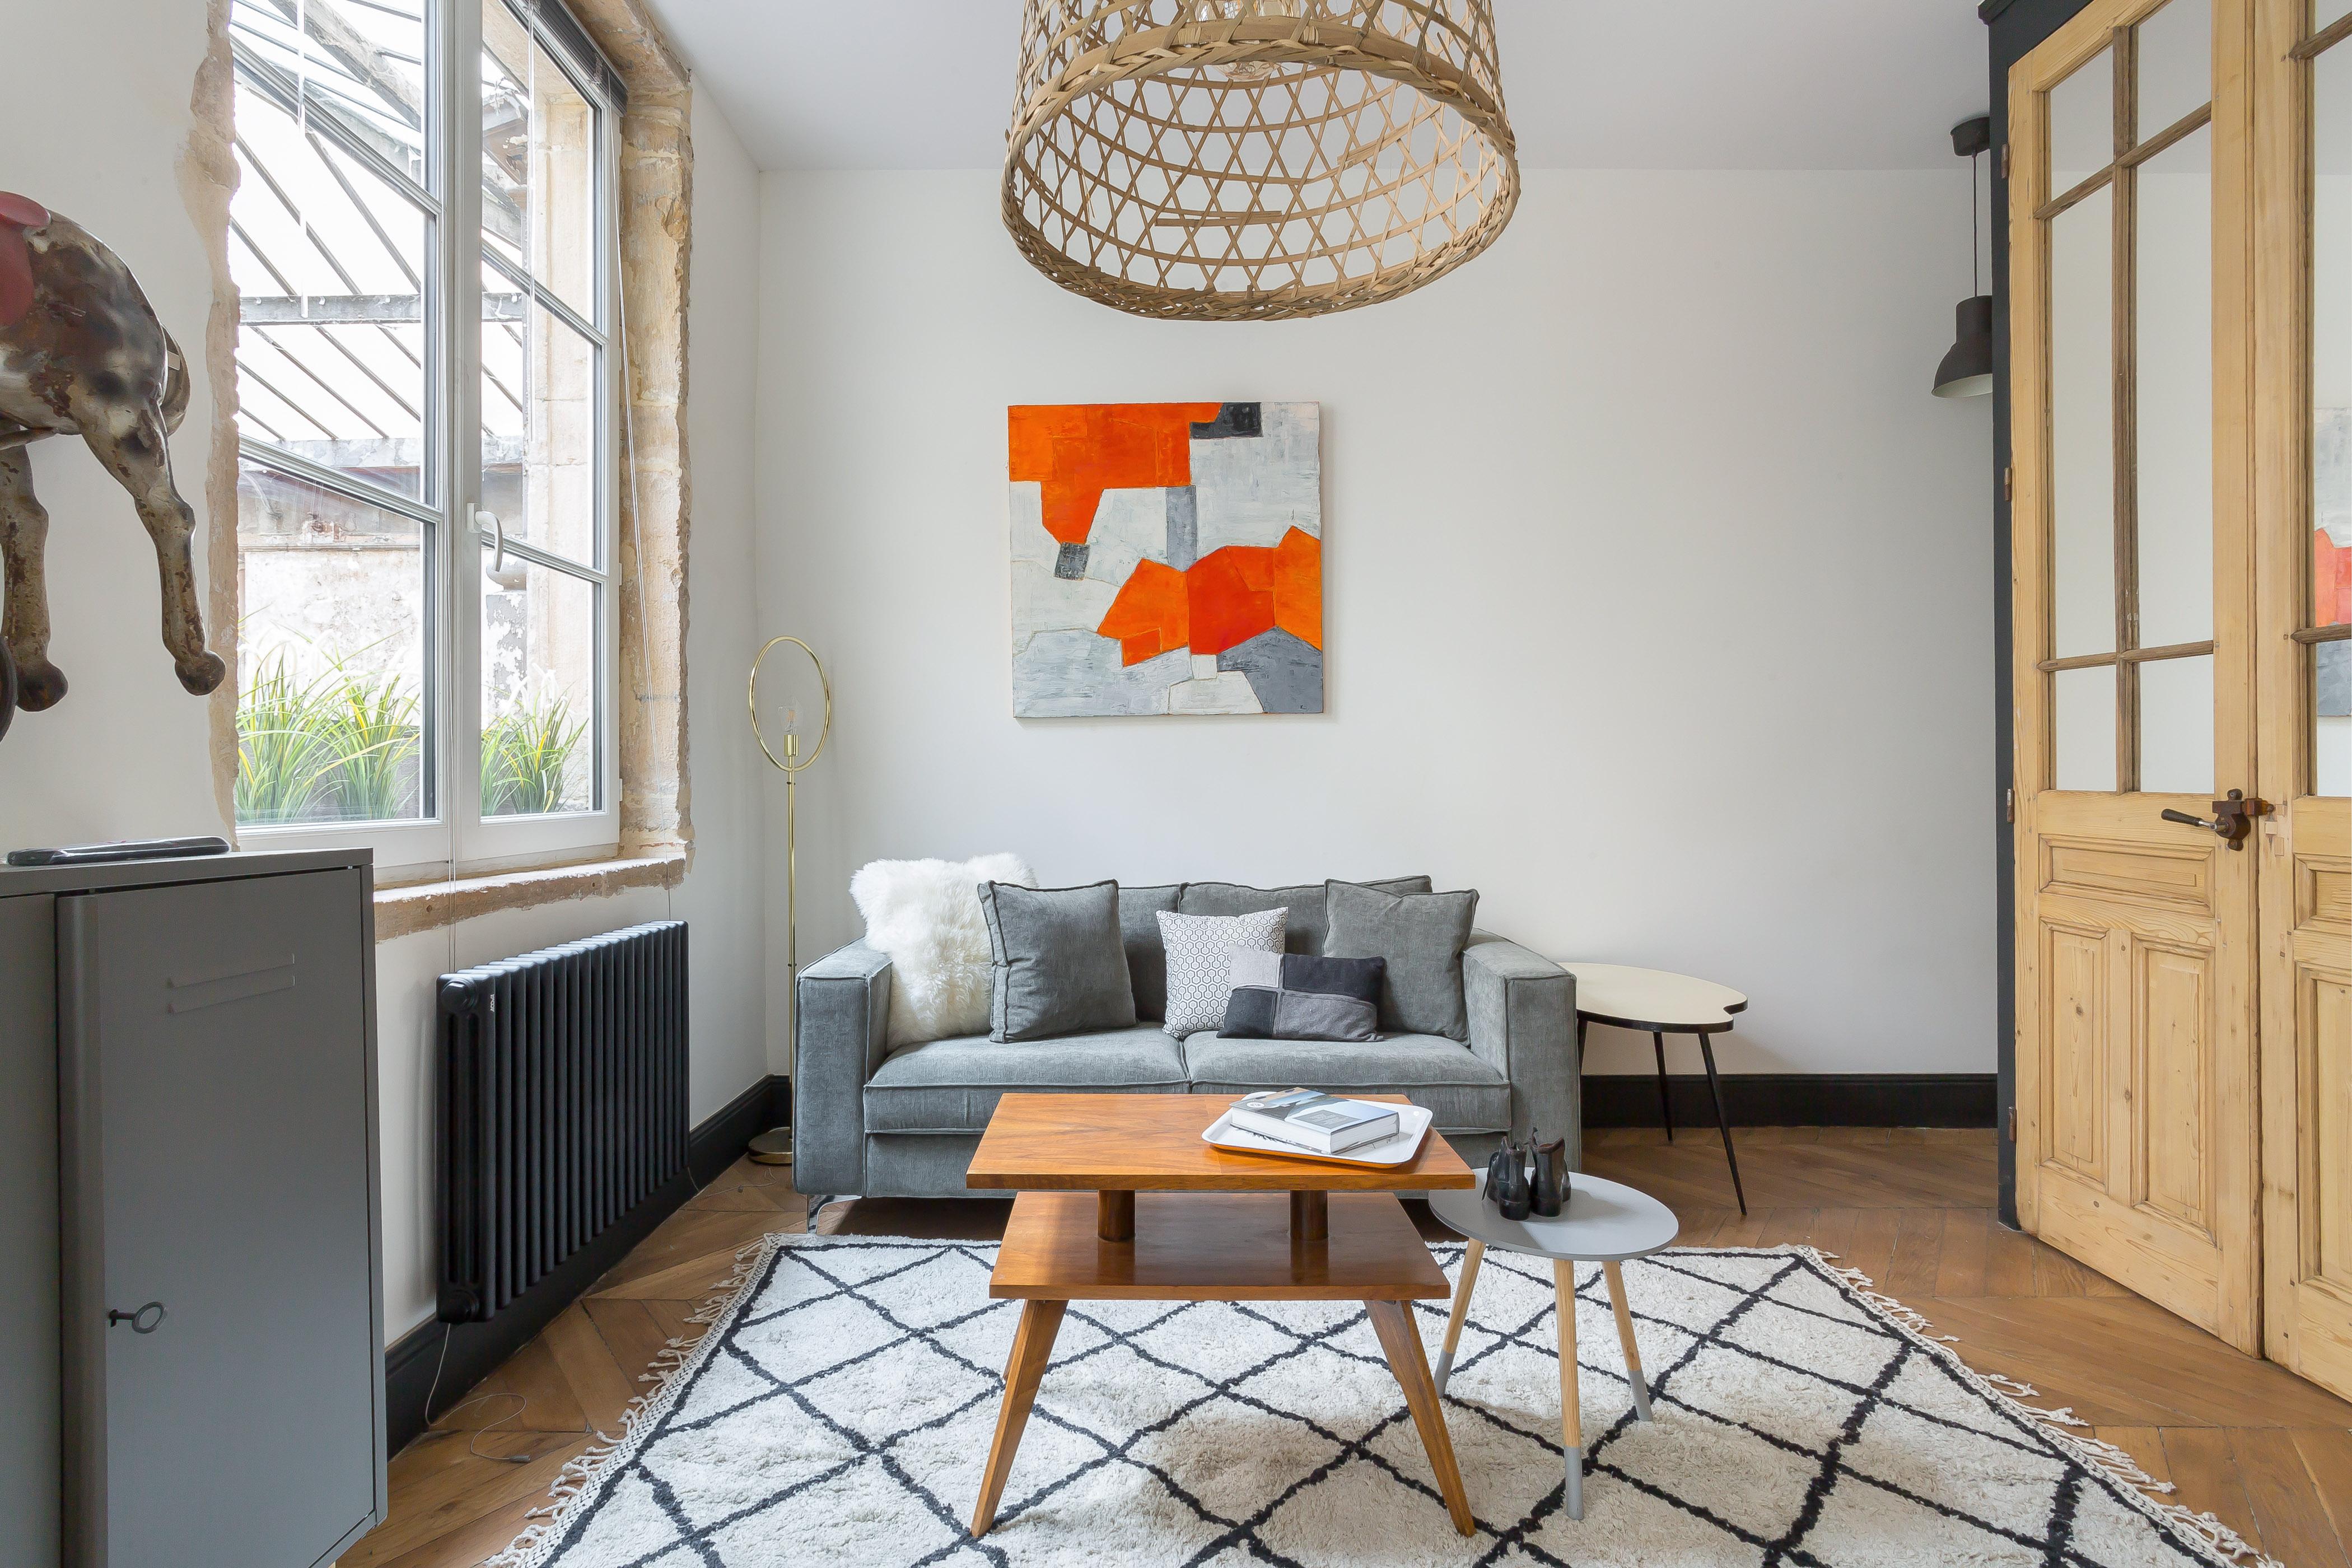 Ferienhaus Milan - Location Studio - Lyon 1 (2295921), Lyon, Ardèche-Drôme, Rhône-Alpen, Frankreich, Bild 1